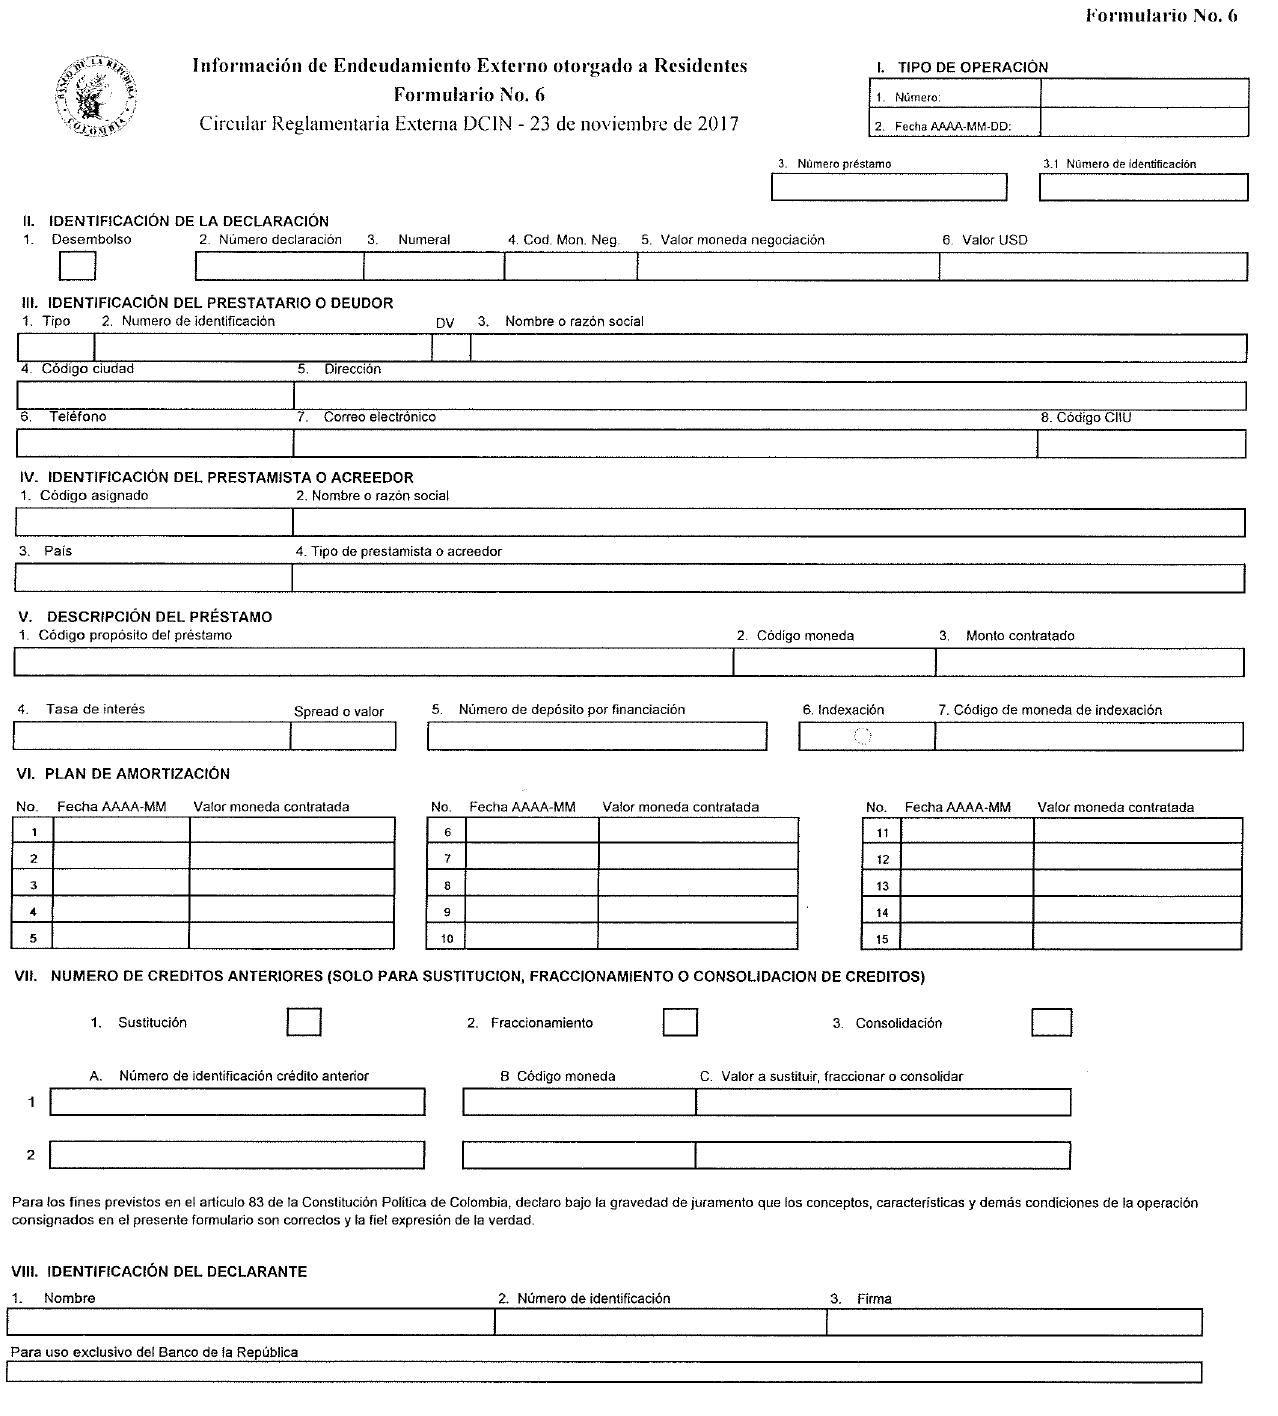 CREDCIN-83NOV23-2017